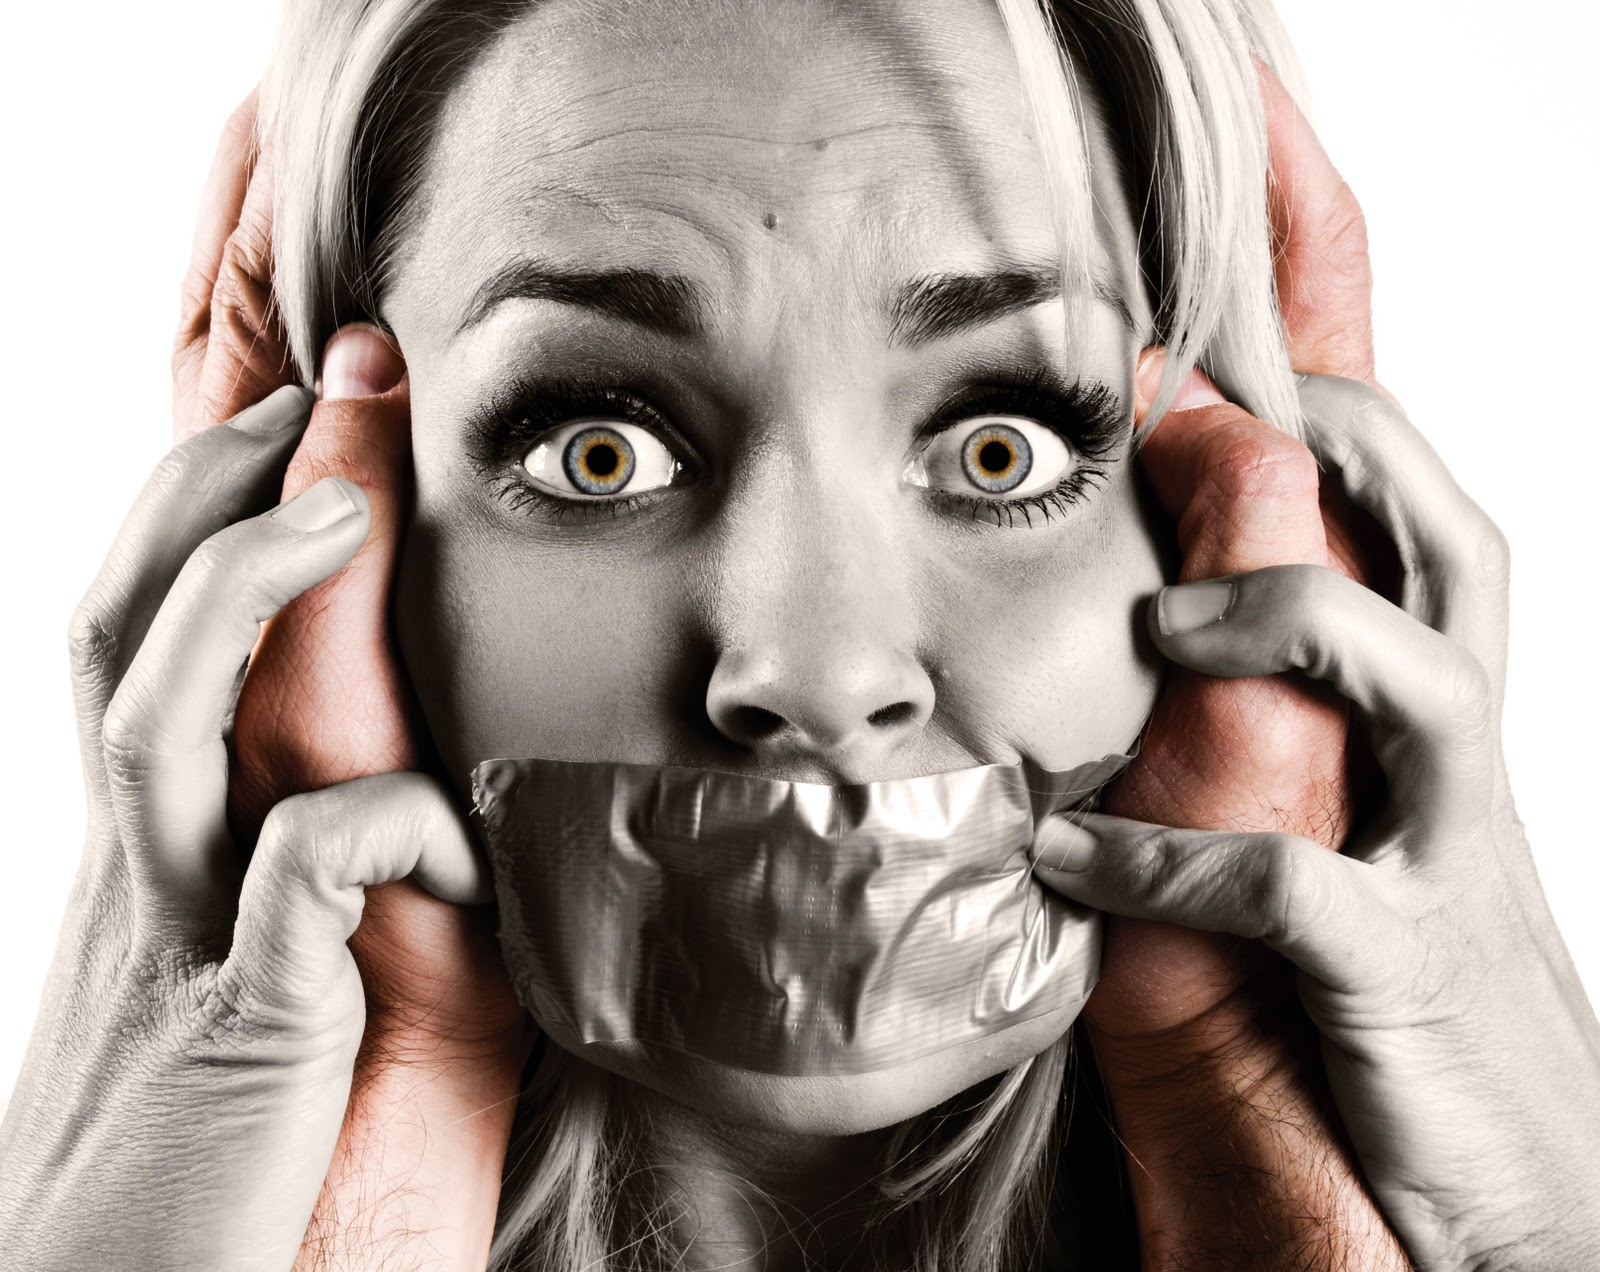 http://3.bp.blogspot.com/_hAYHqIqbYP4/TTHfaHyzBsI/AAAAAAAAAAs/3u6nt4oCouM/s1600/DOMESTIC+VIOLENCE.jpg